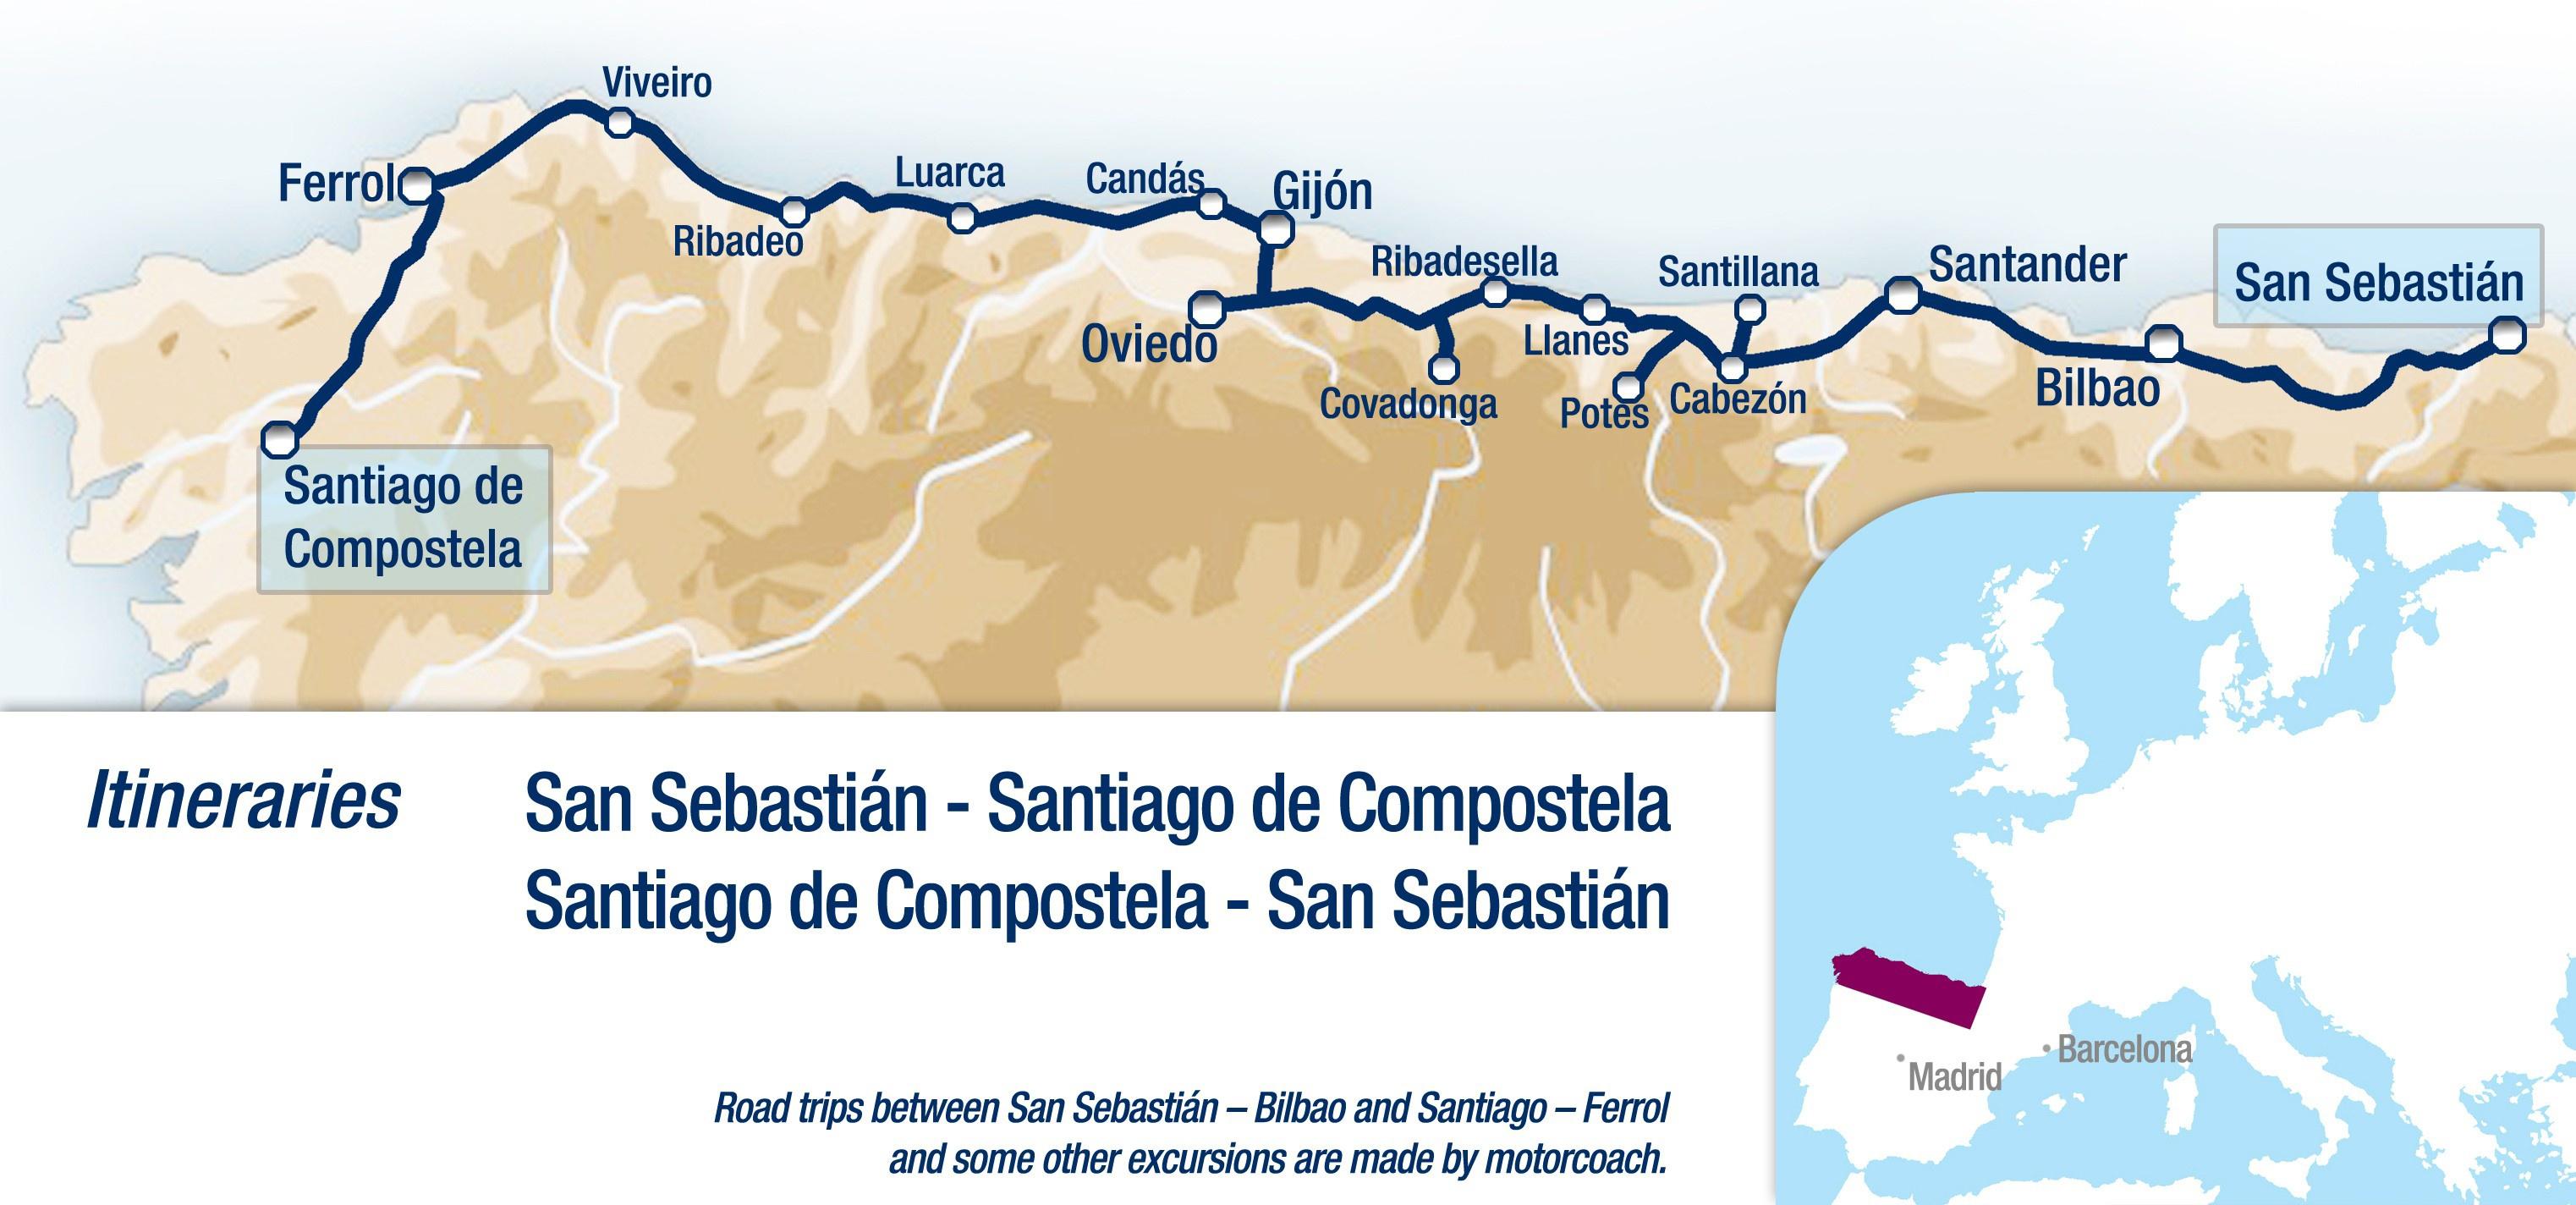 מסלול הטיול ברכבת 'אל טרנסקנטבריקו גראן לוחו', 8 ימים